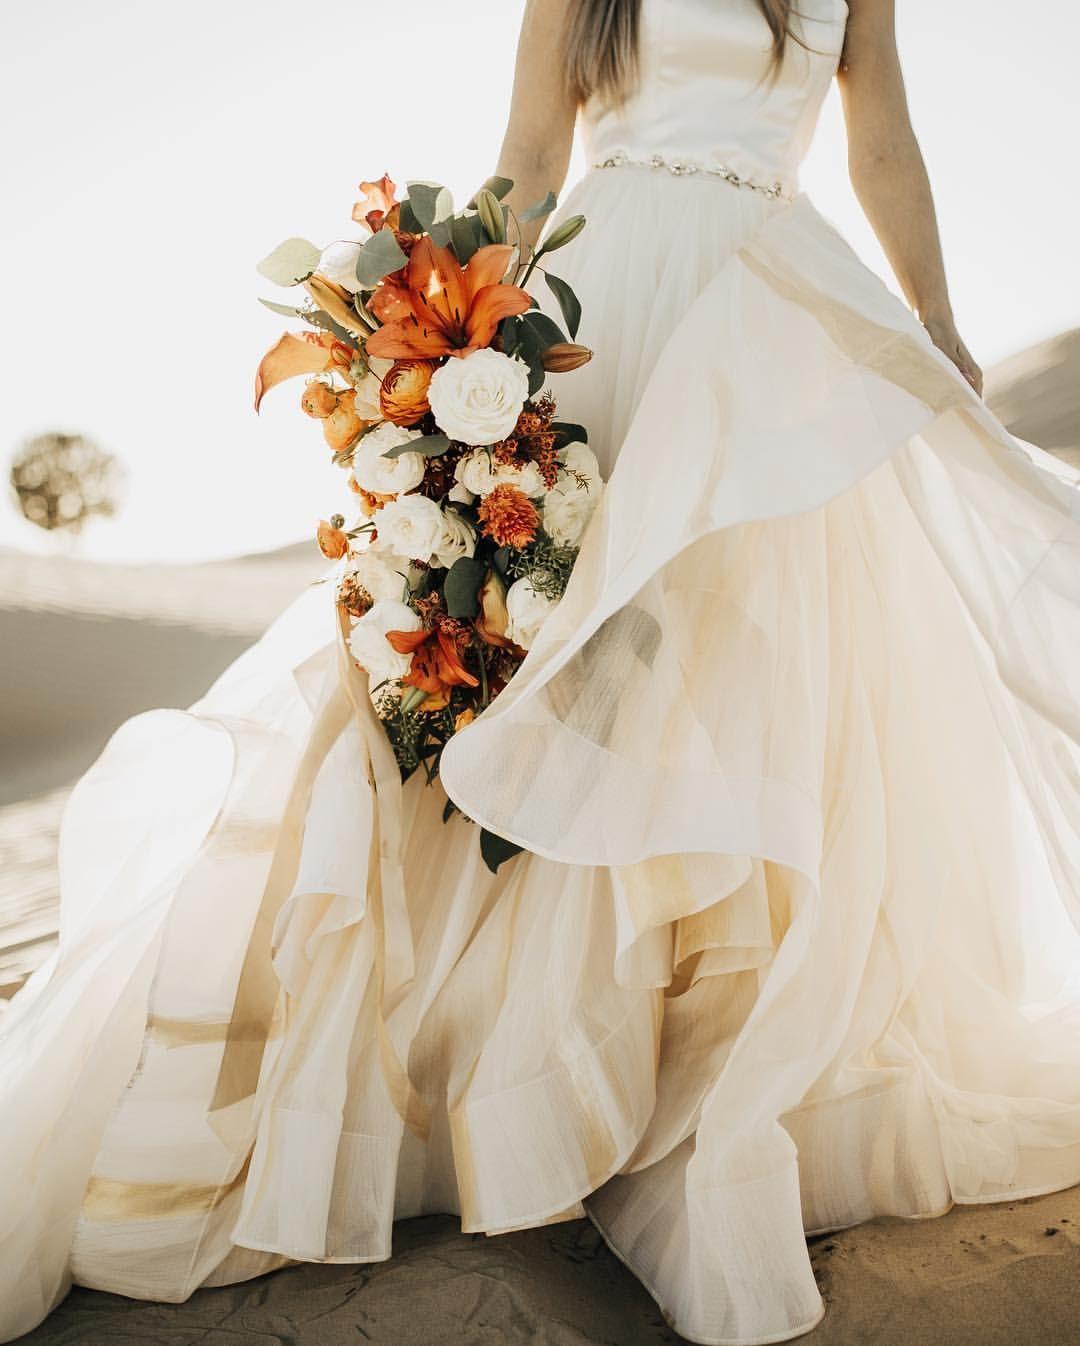 Orange White Floral Bouquet Bride Hand Painted Wedding Dress Ruffle Wedding Dress Wedding Dresses